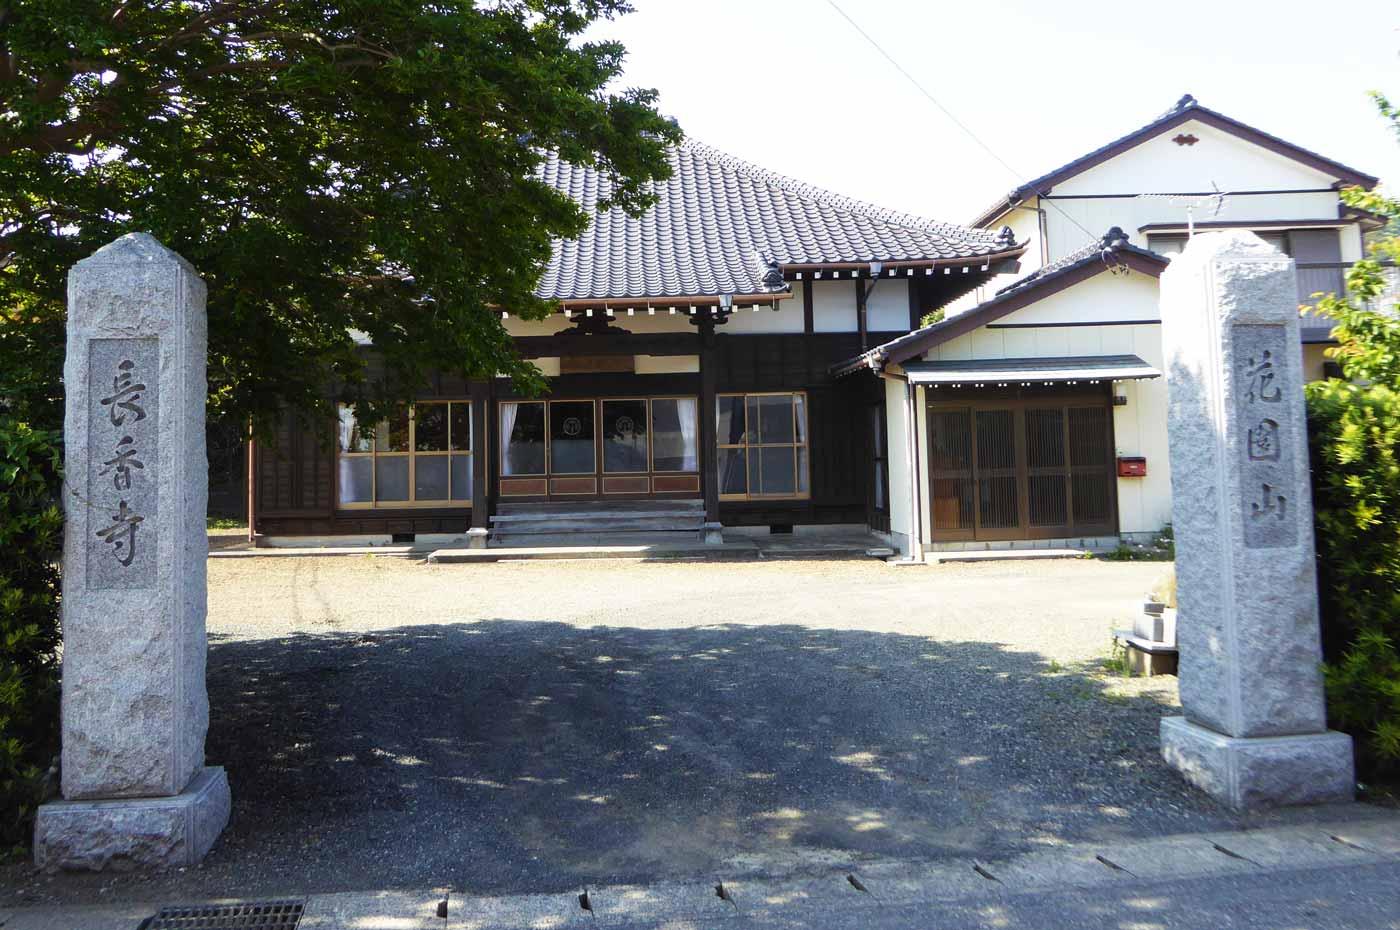 長香寺の山門と境内